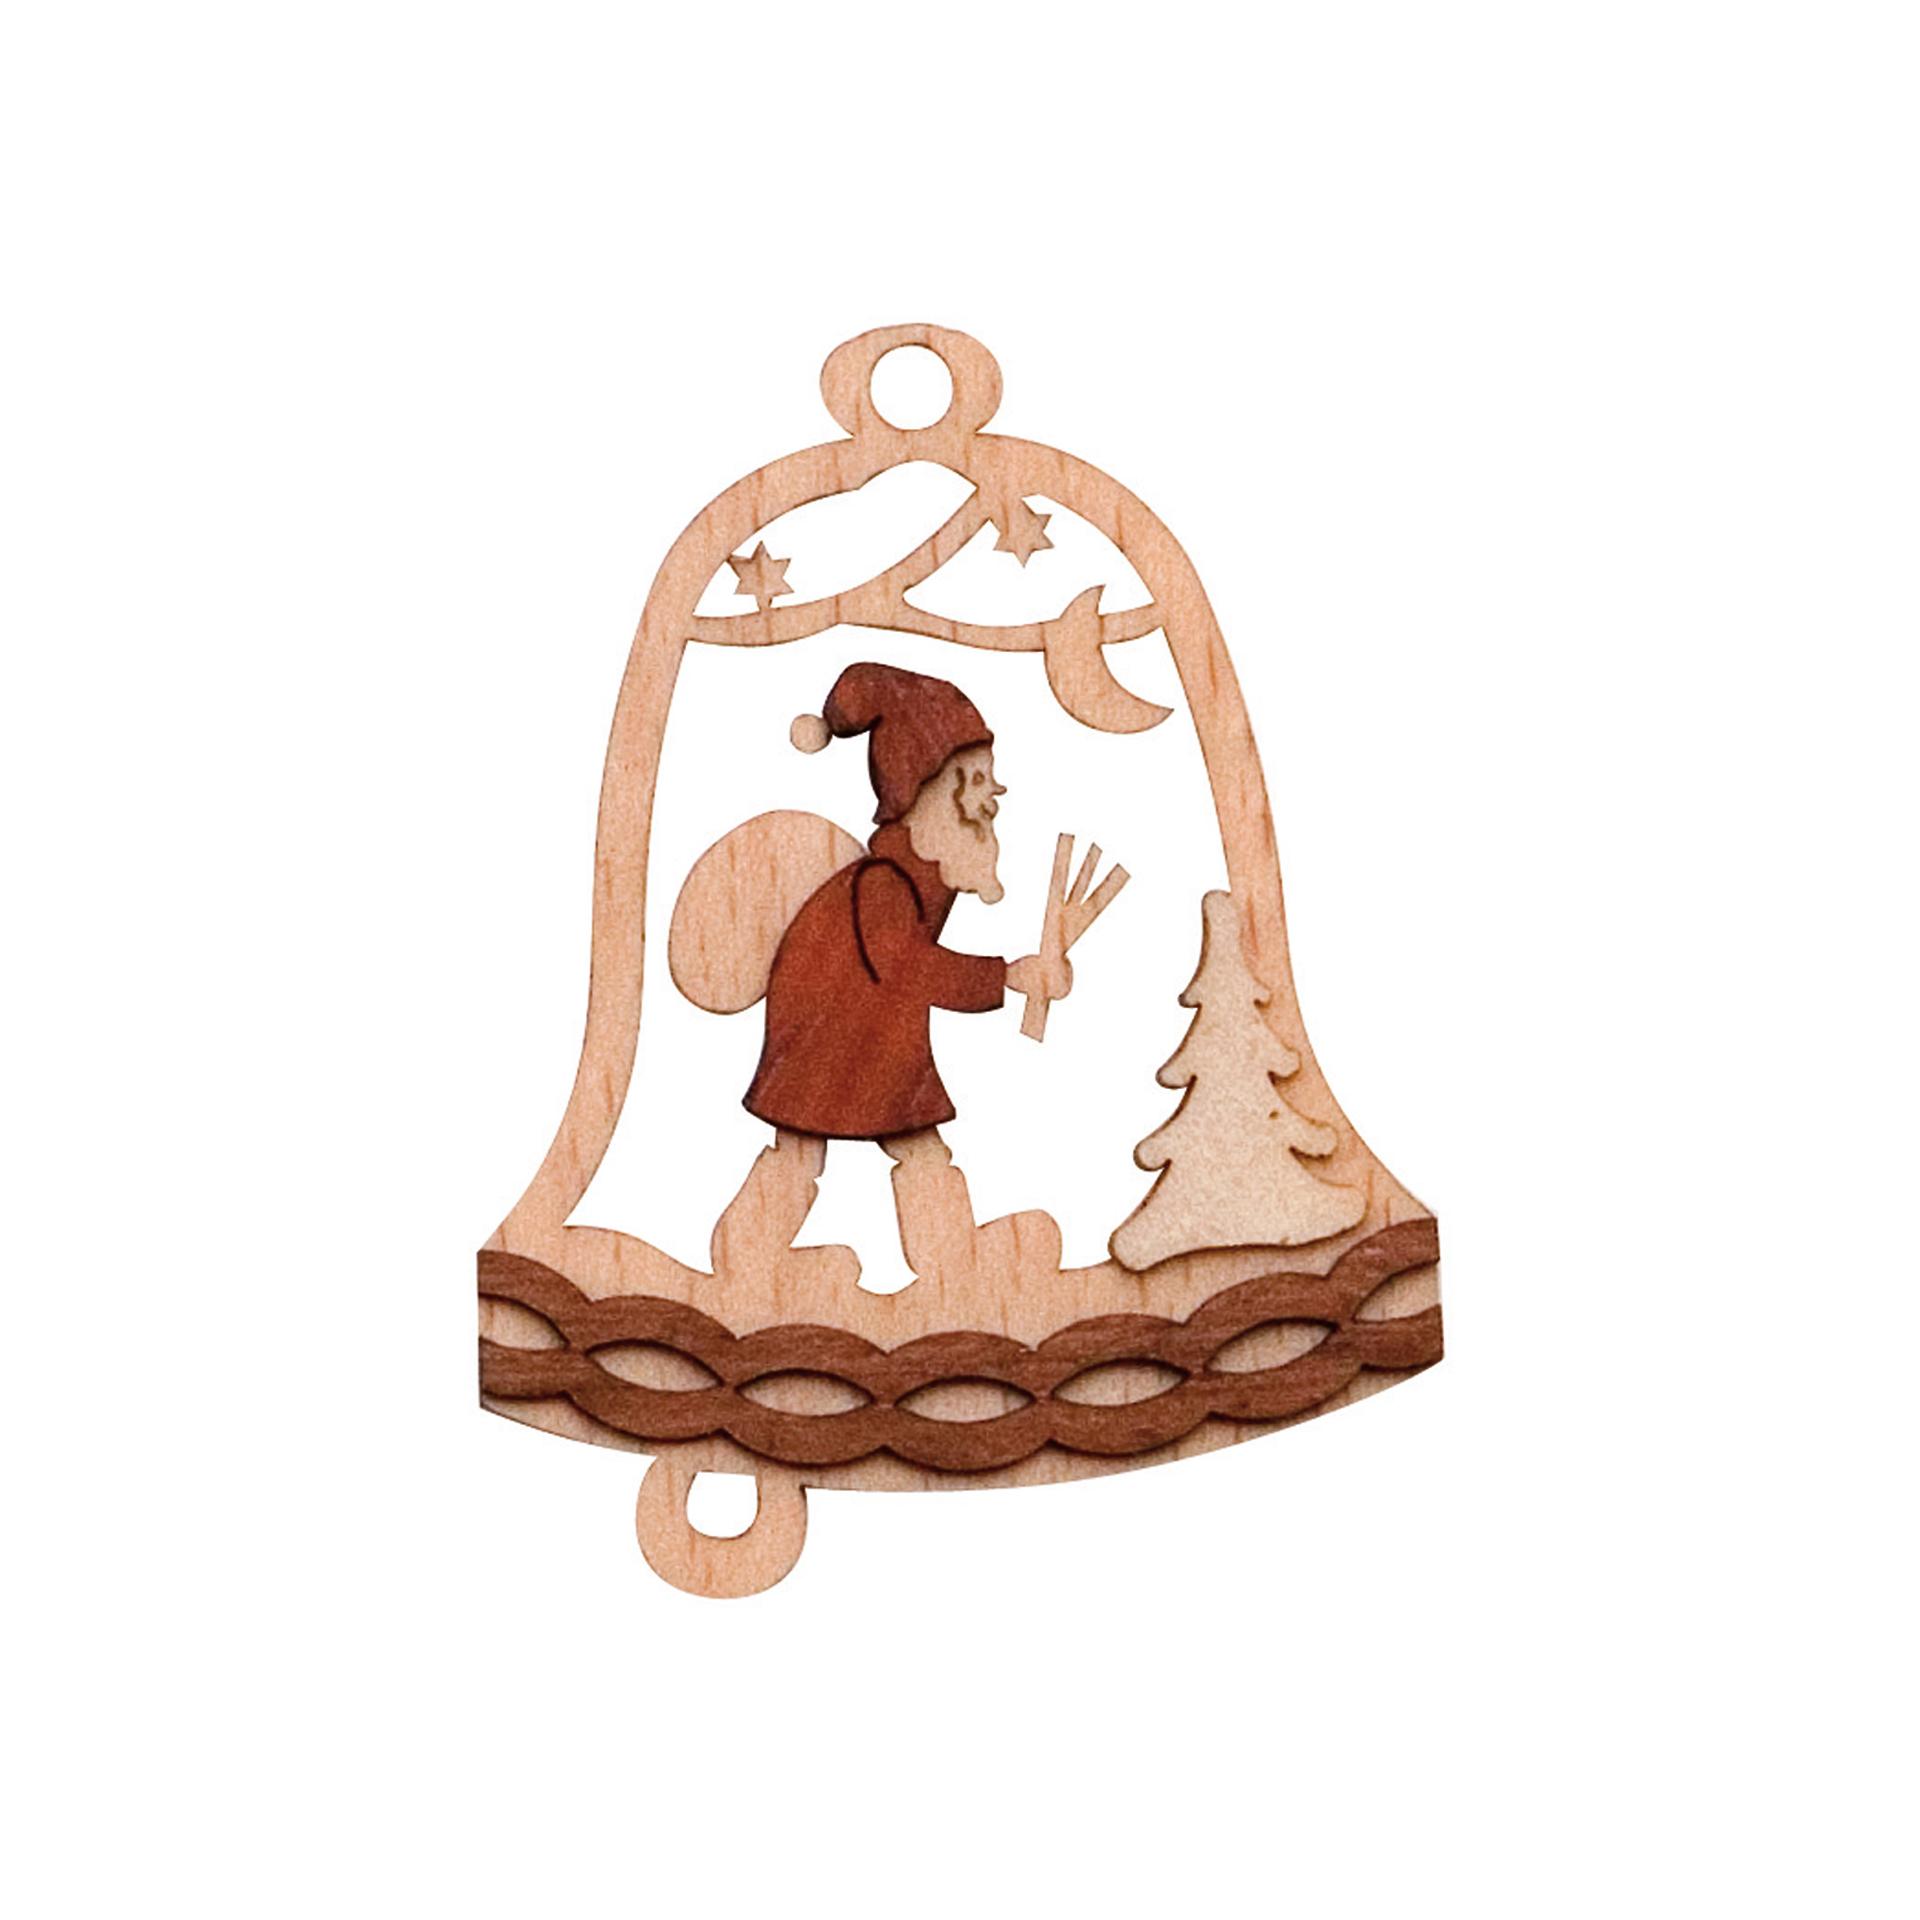 Baumschmuck Glocke mit Weihnachtsmann